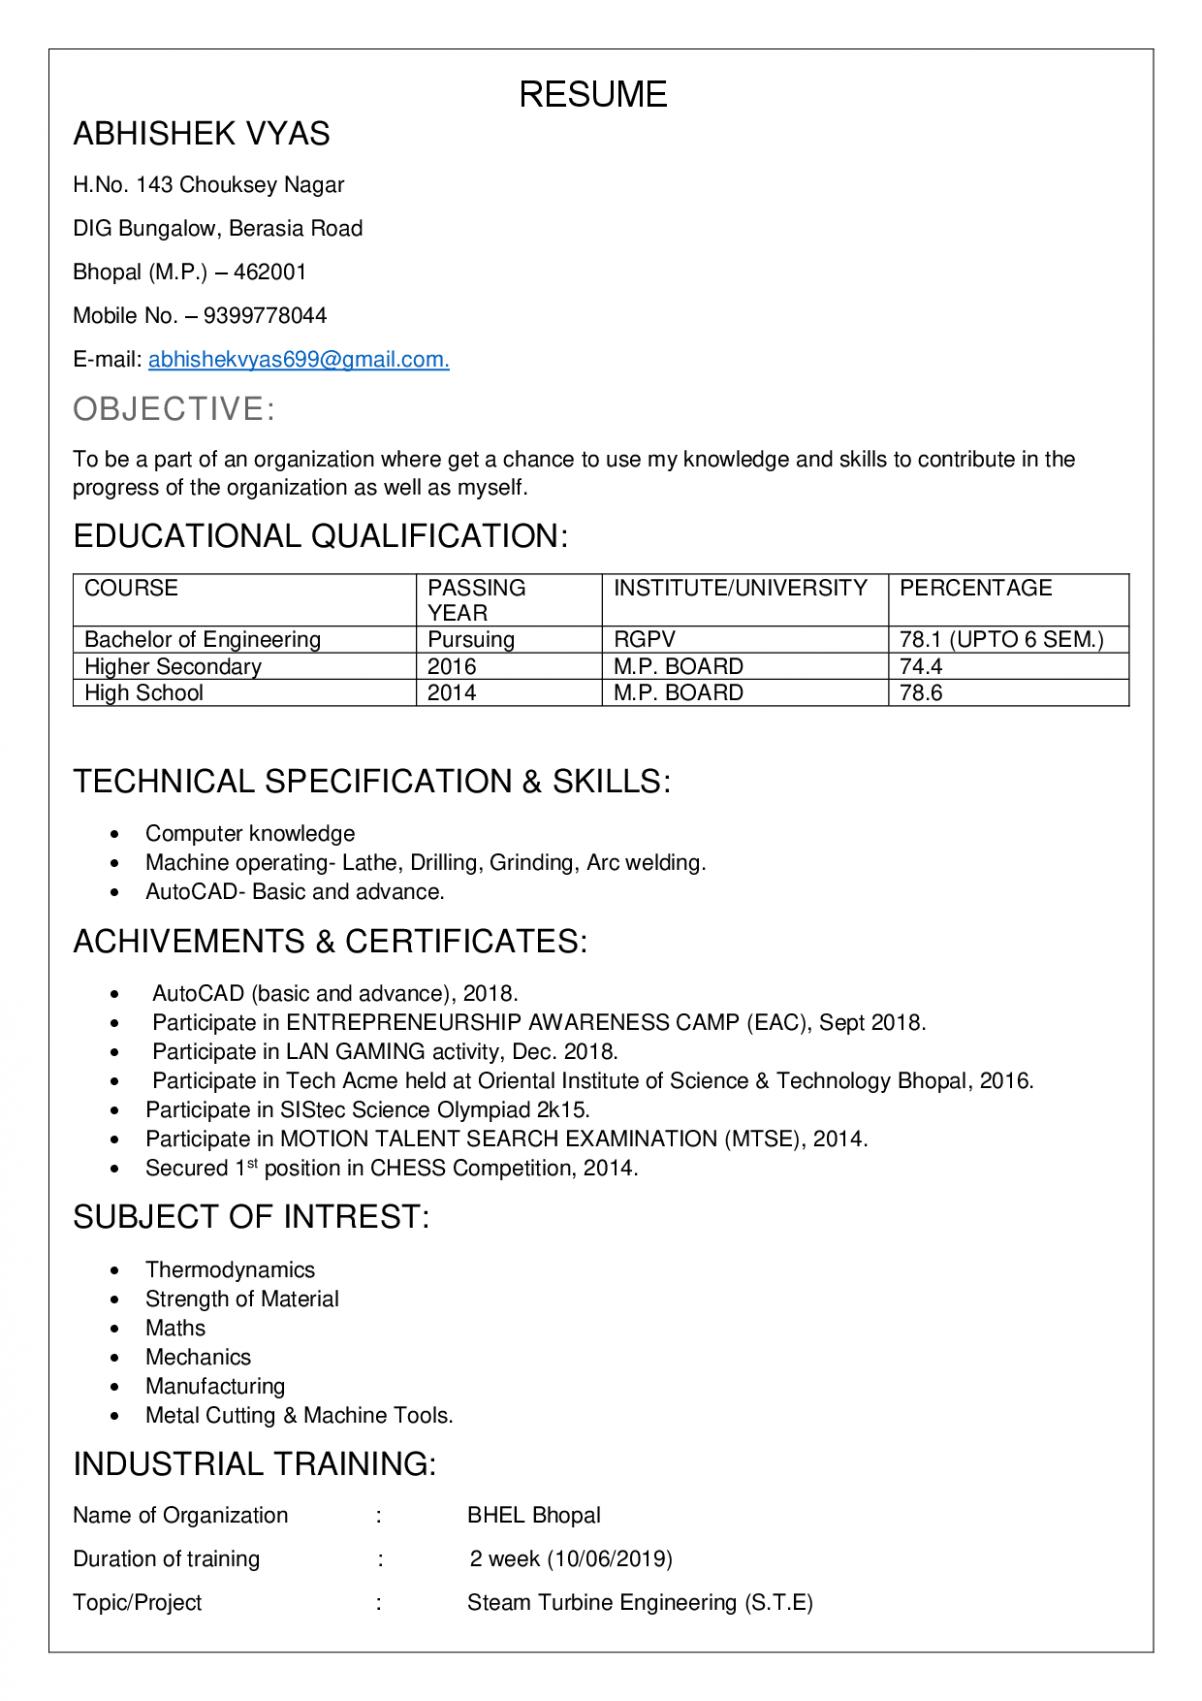 14 Resume Samples For Freshers Best Resume Format Resume Format For Freshers Resume Format